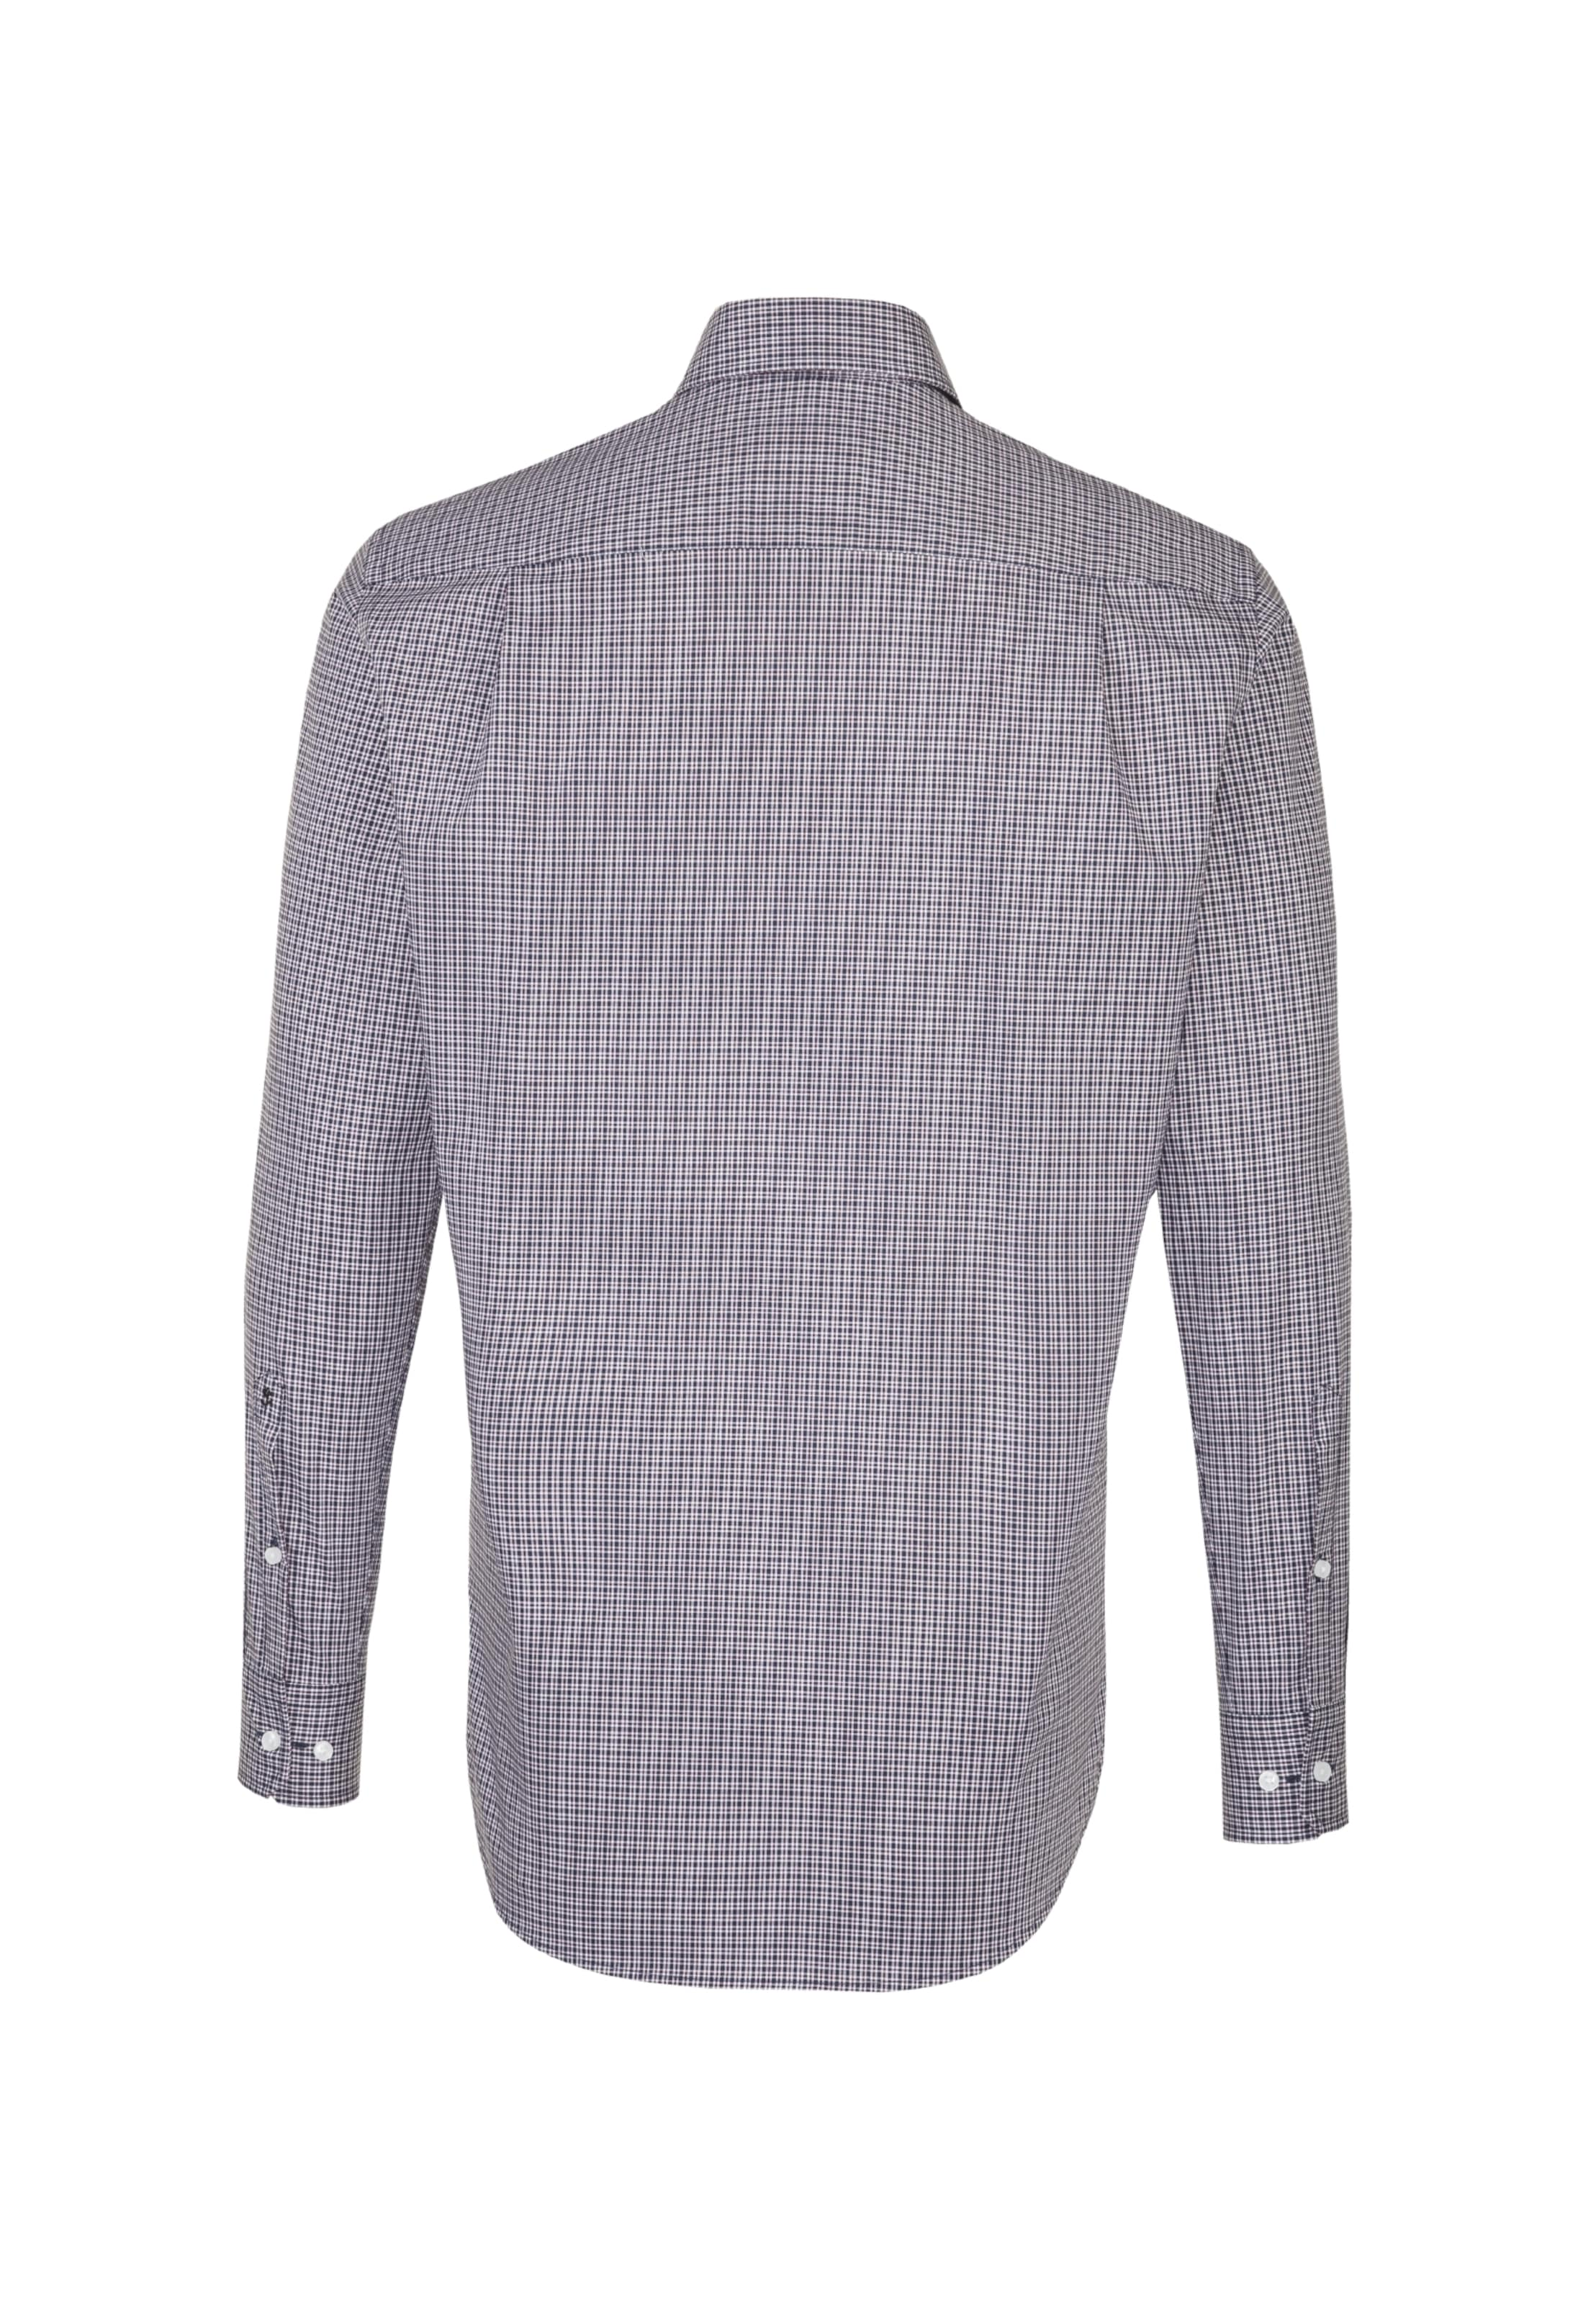 Seidensticker In In BlauRot Weiß Seidensticker Hemd Hemd In Seidensticker Hemd BlauRot Weiß DHE2W9IY